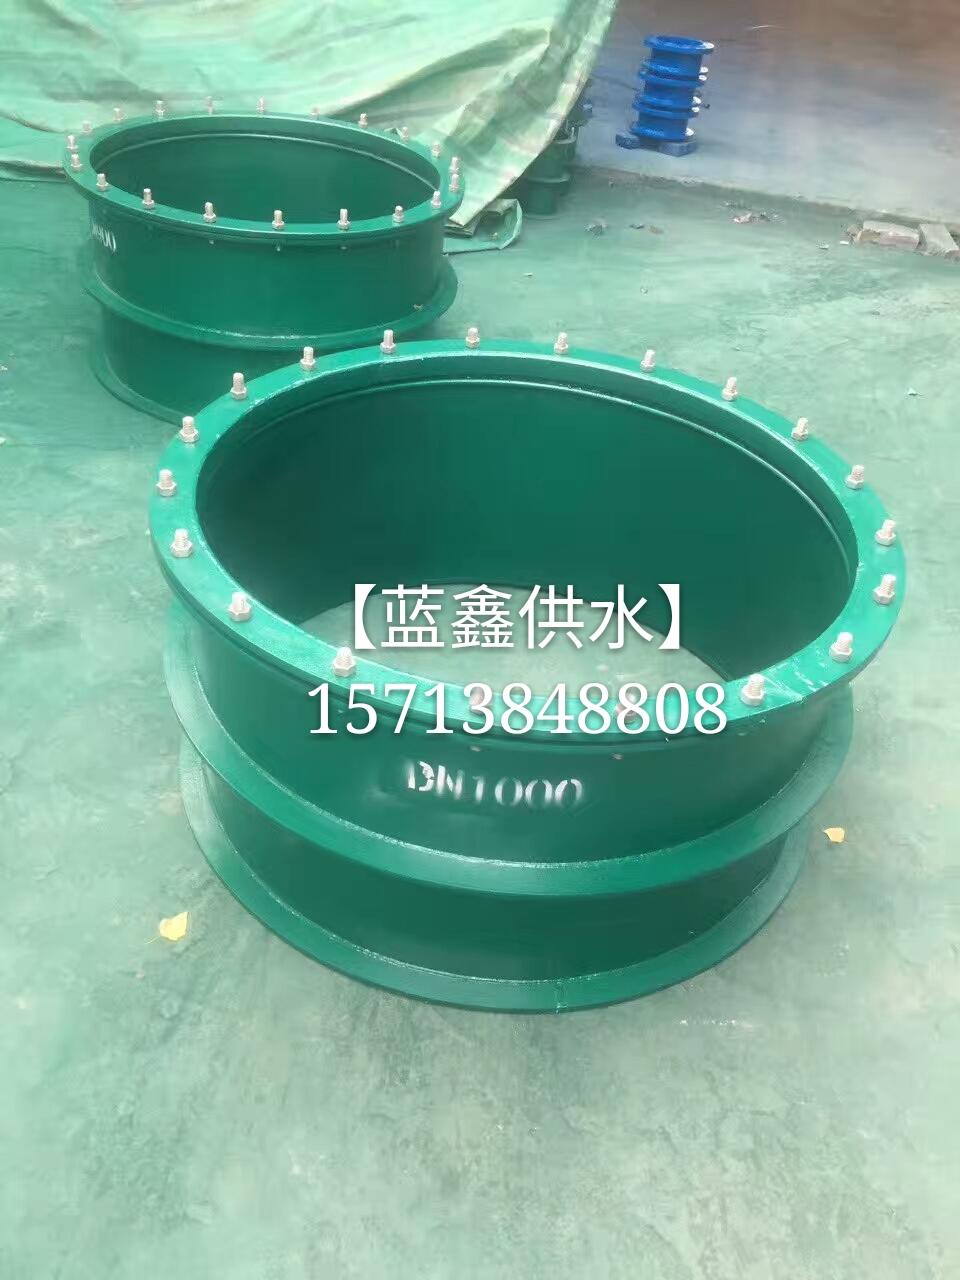 濮阳柔性防水套管生产厂家    刚性防水套管生产厂家   穿墙防水套管价格—专注管道20年